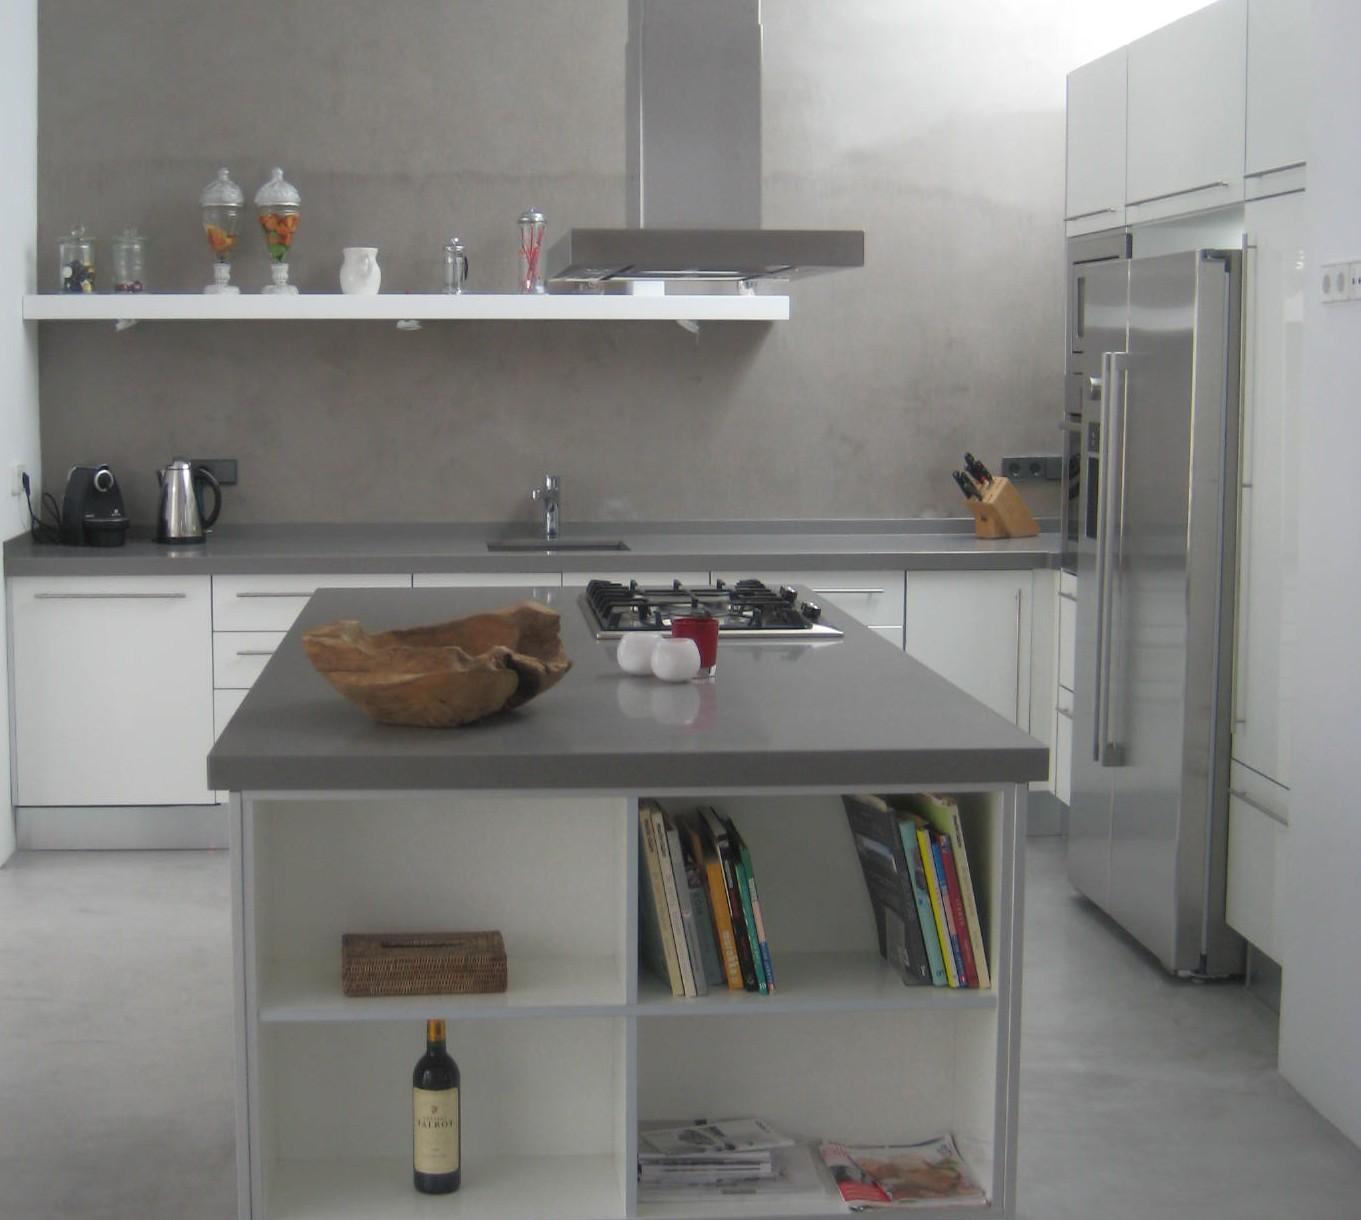 Cocina eivicuines acrilux blanco brillo eivicuines eva - Cocinas blancas y gris ...